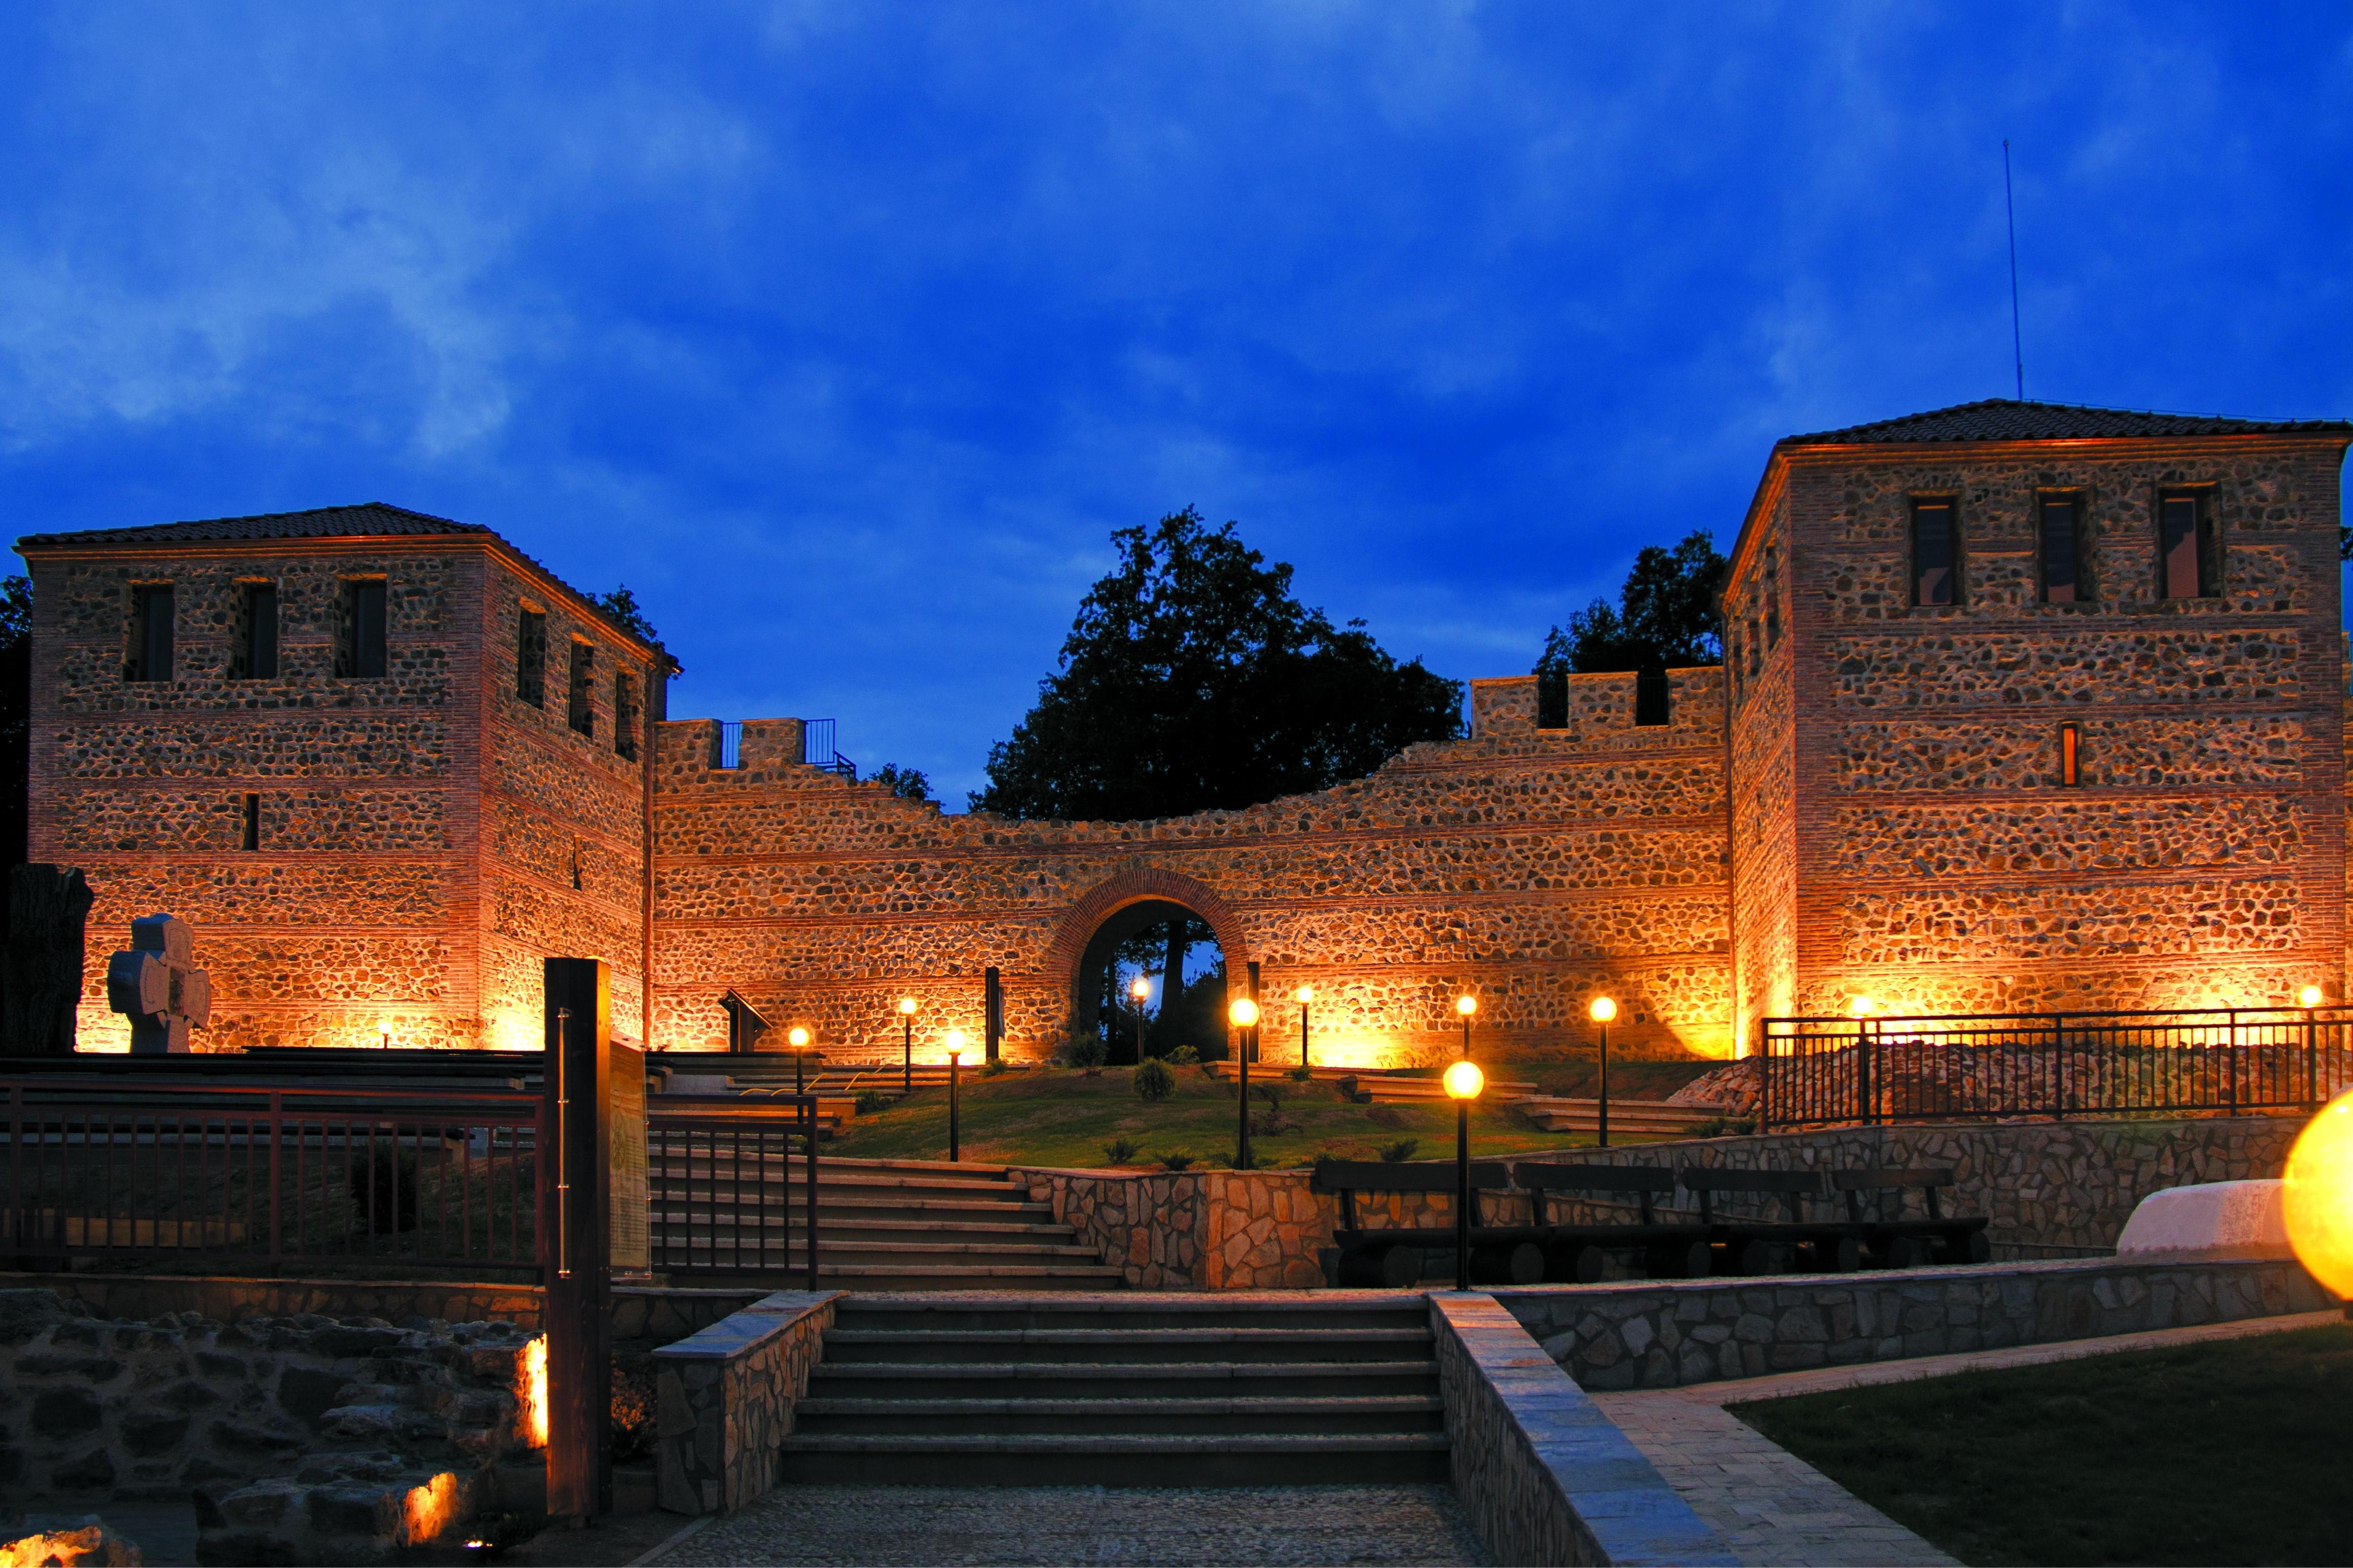 CARMEN / The Tsari Mali Grad fortress